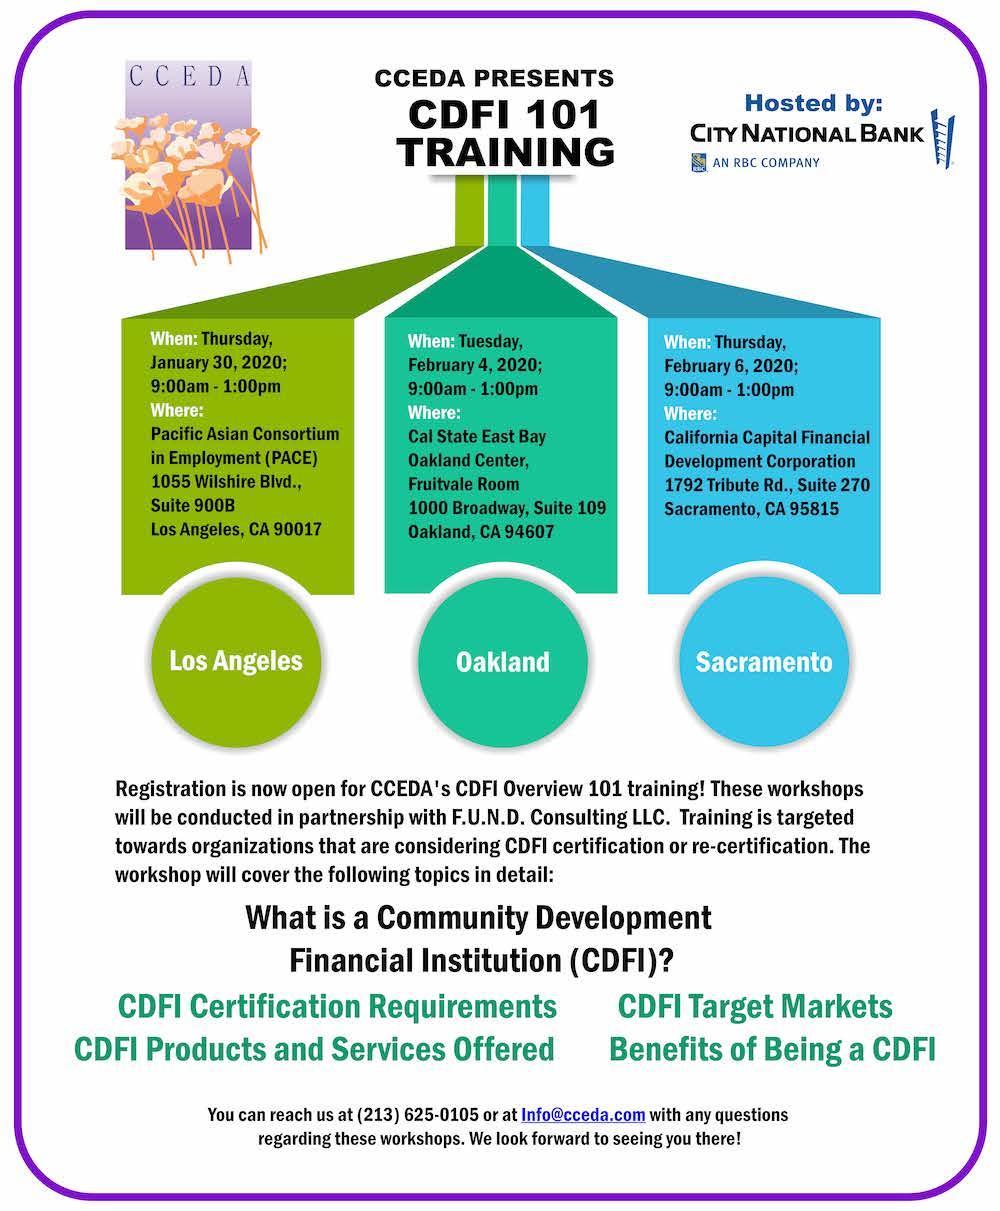 CCEDA CDFI 101 Training Flyer